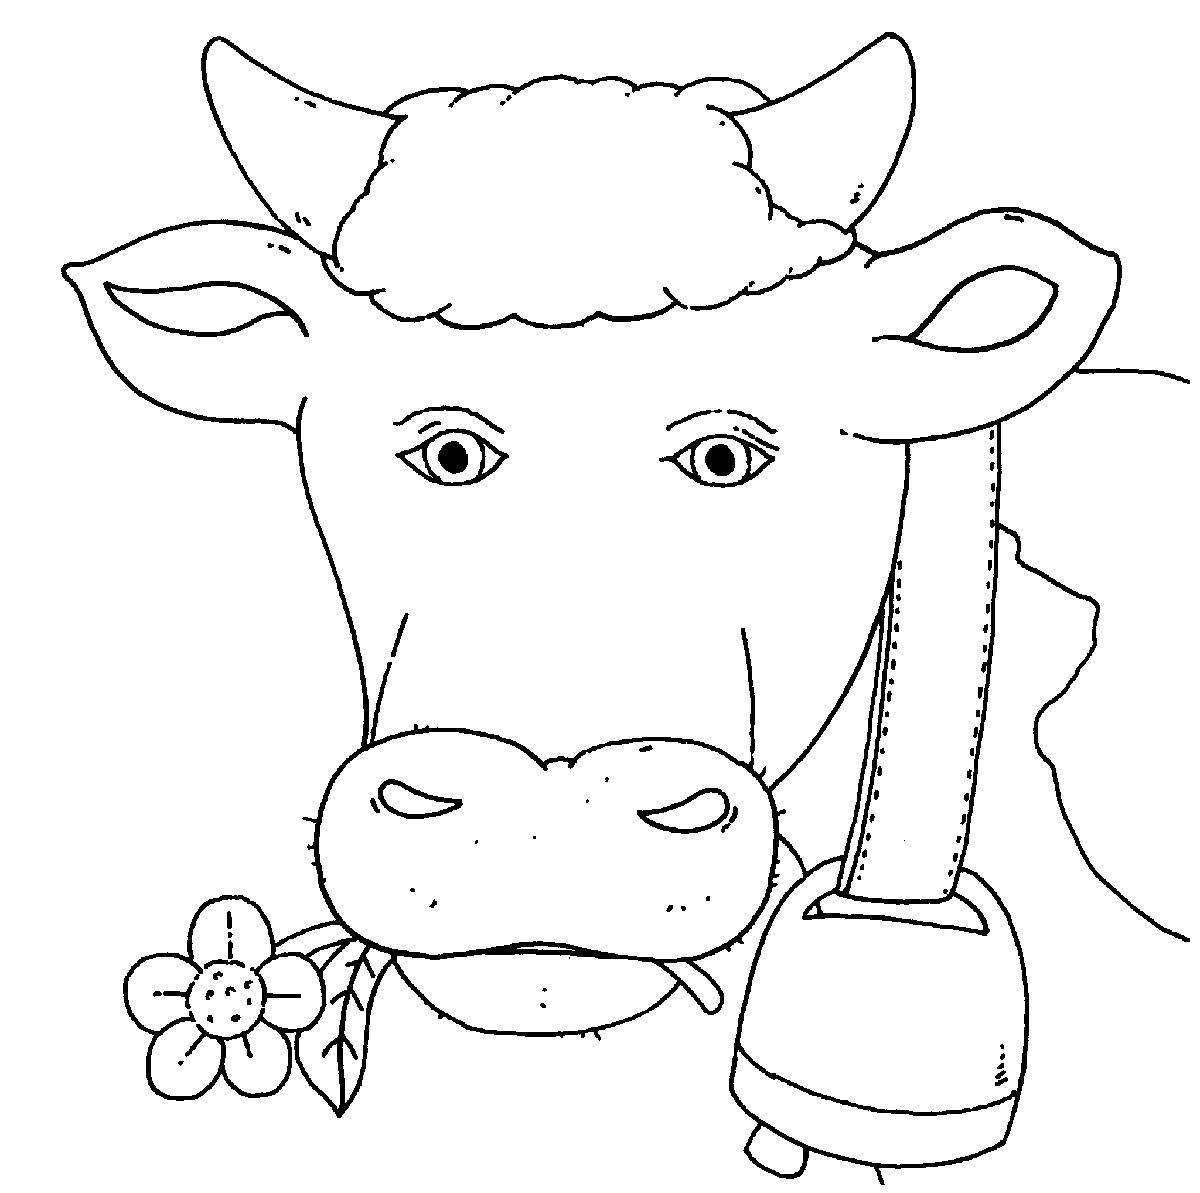 ausmalbild bauernhof: kuh mit glocke kostenlos ausdrucken